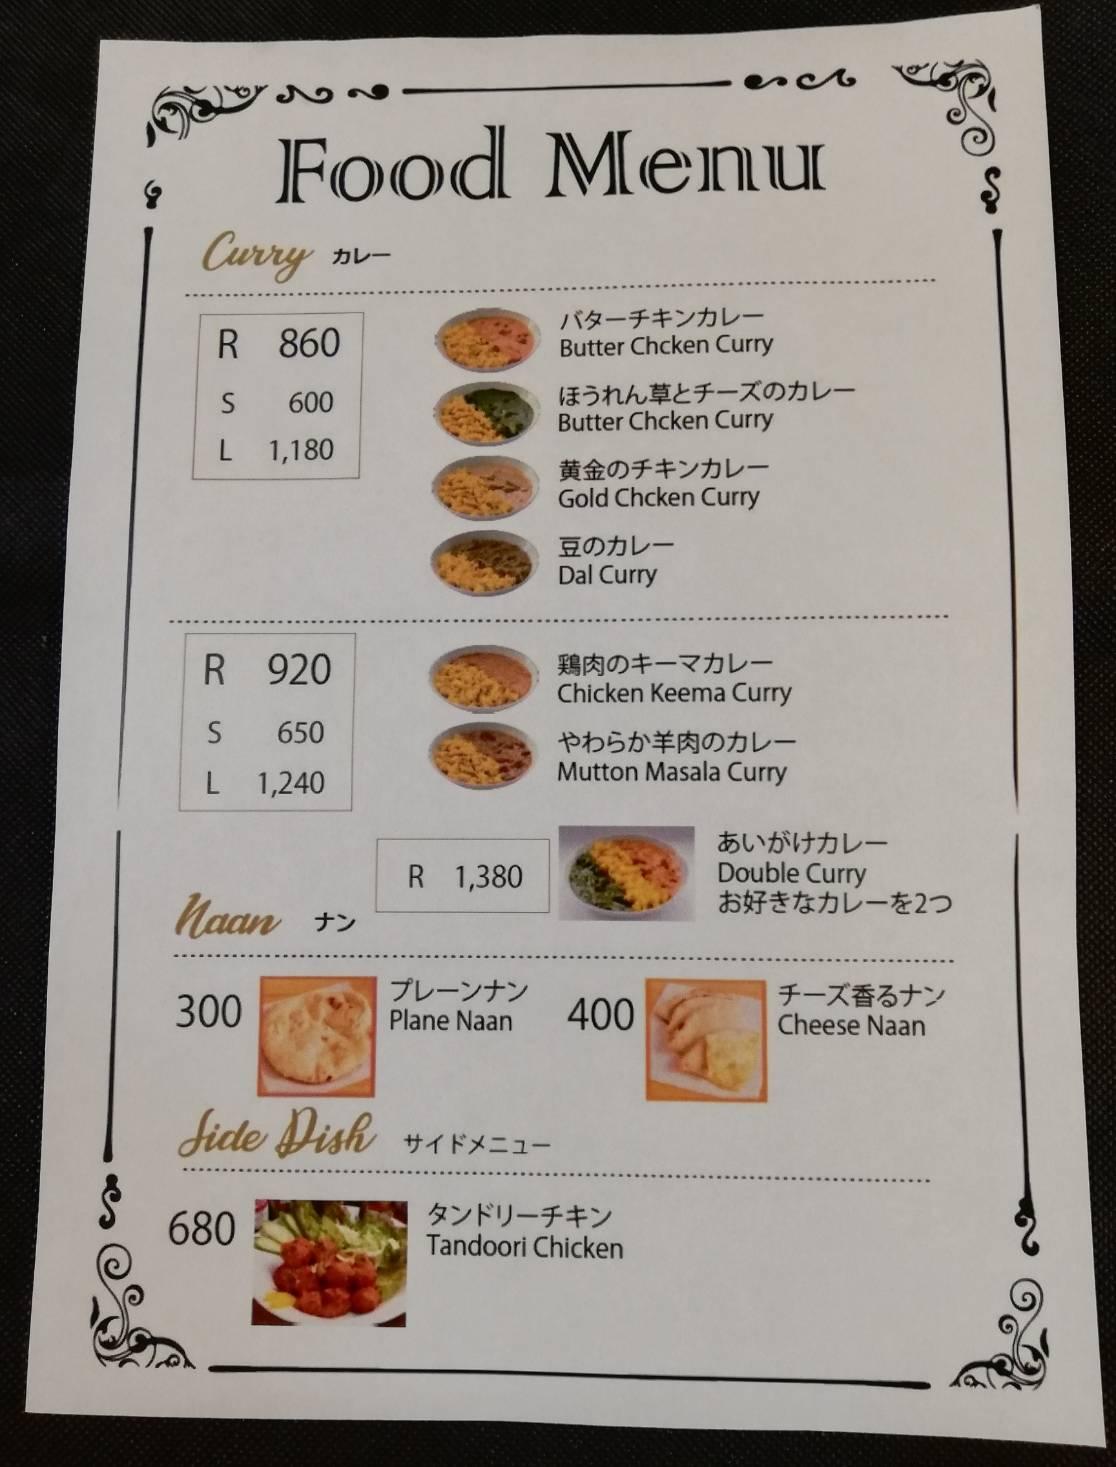 bySpiceキテミテマツド店メニュー詳細